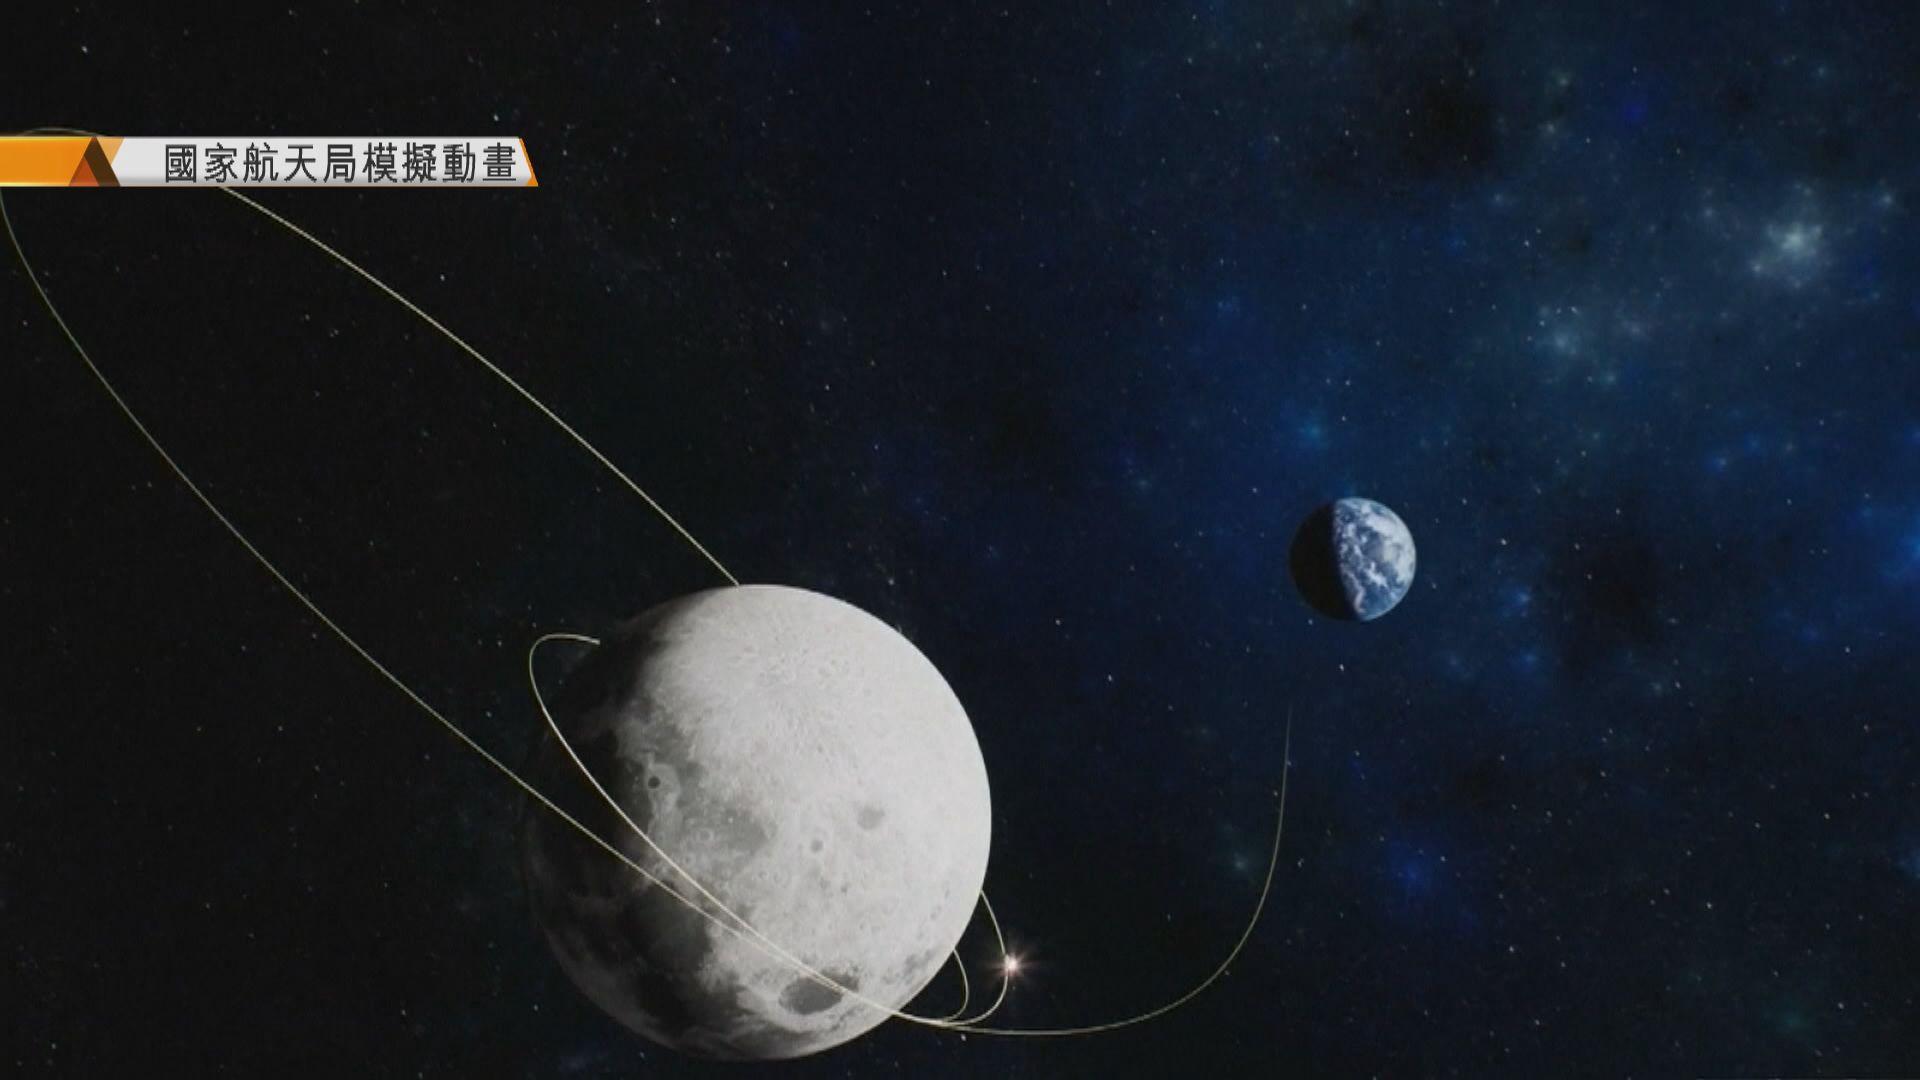 嫦娥五號成功進入月地轉移軌道